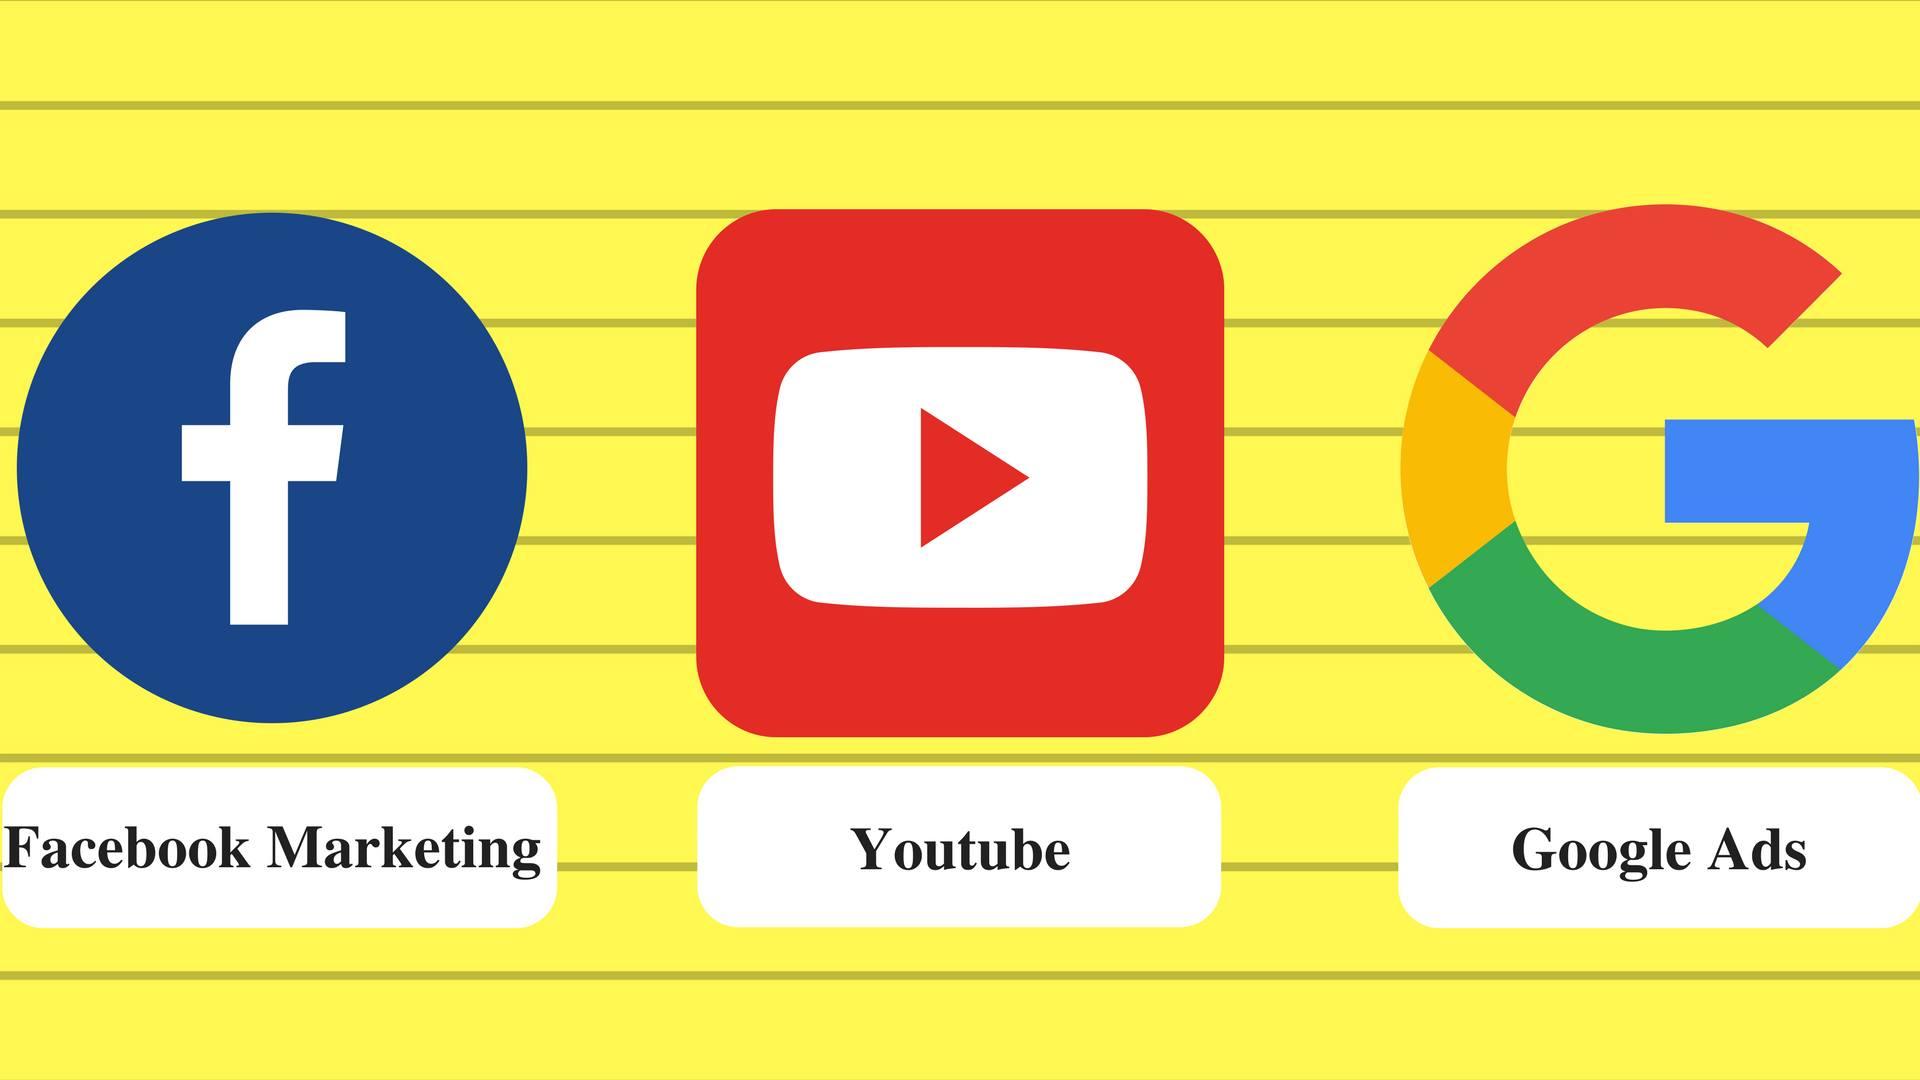 kênh quảng cáo cách bán mỹ phẩm online